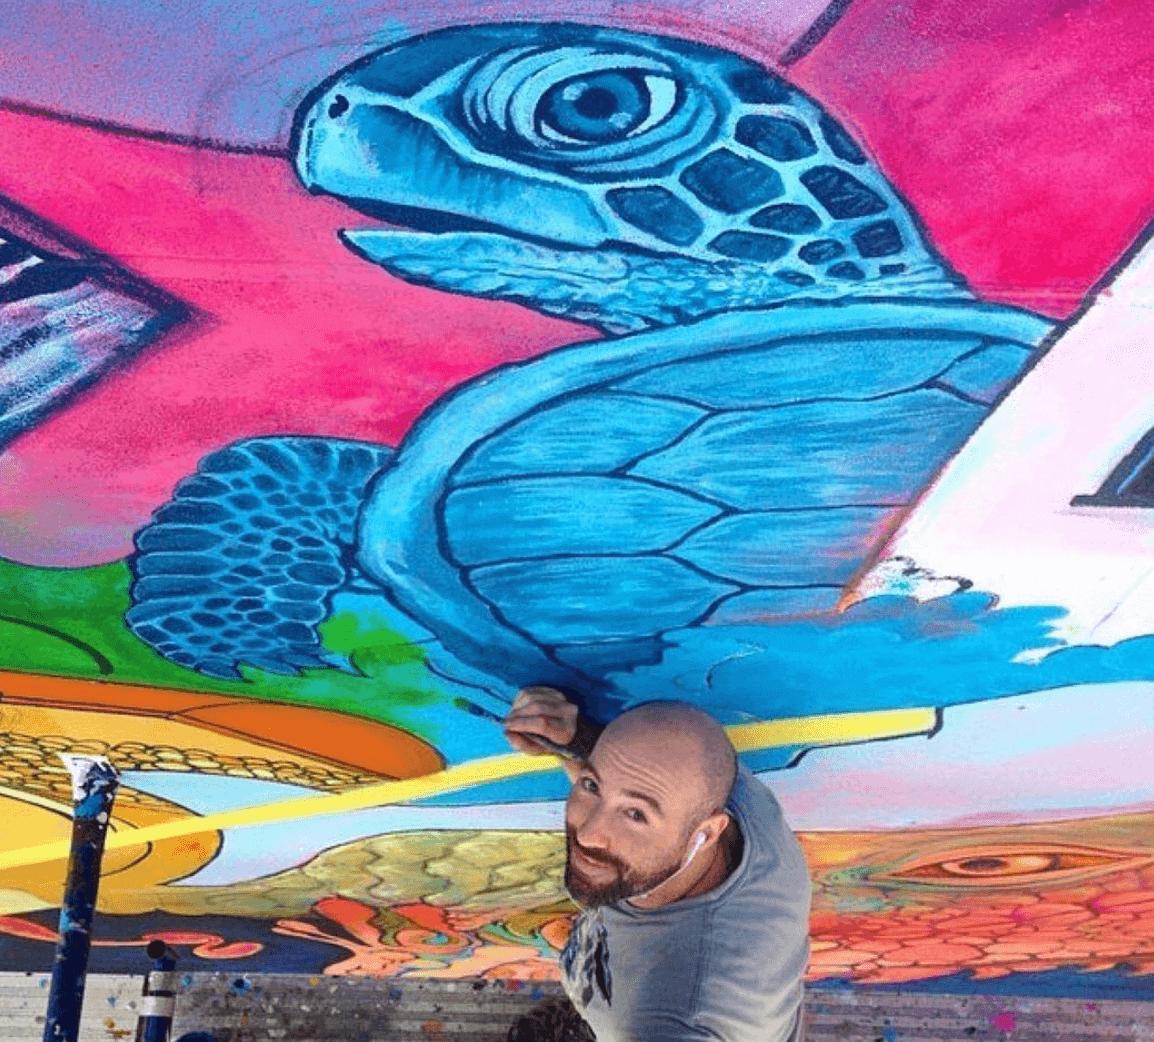 Turtle Mural by Marc Evan